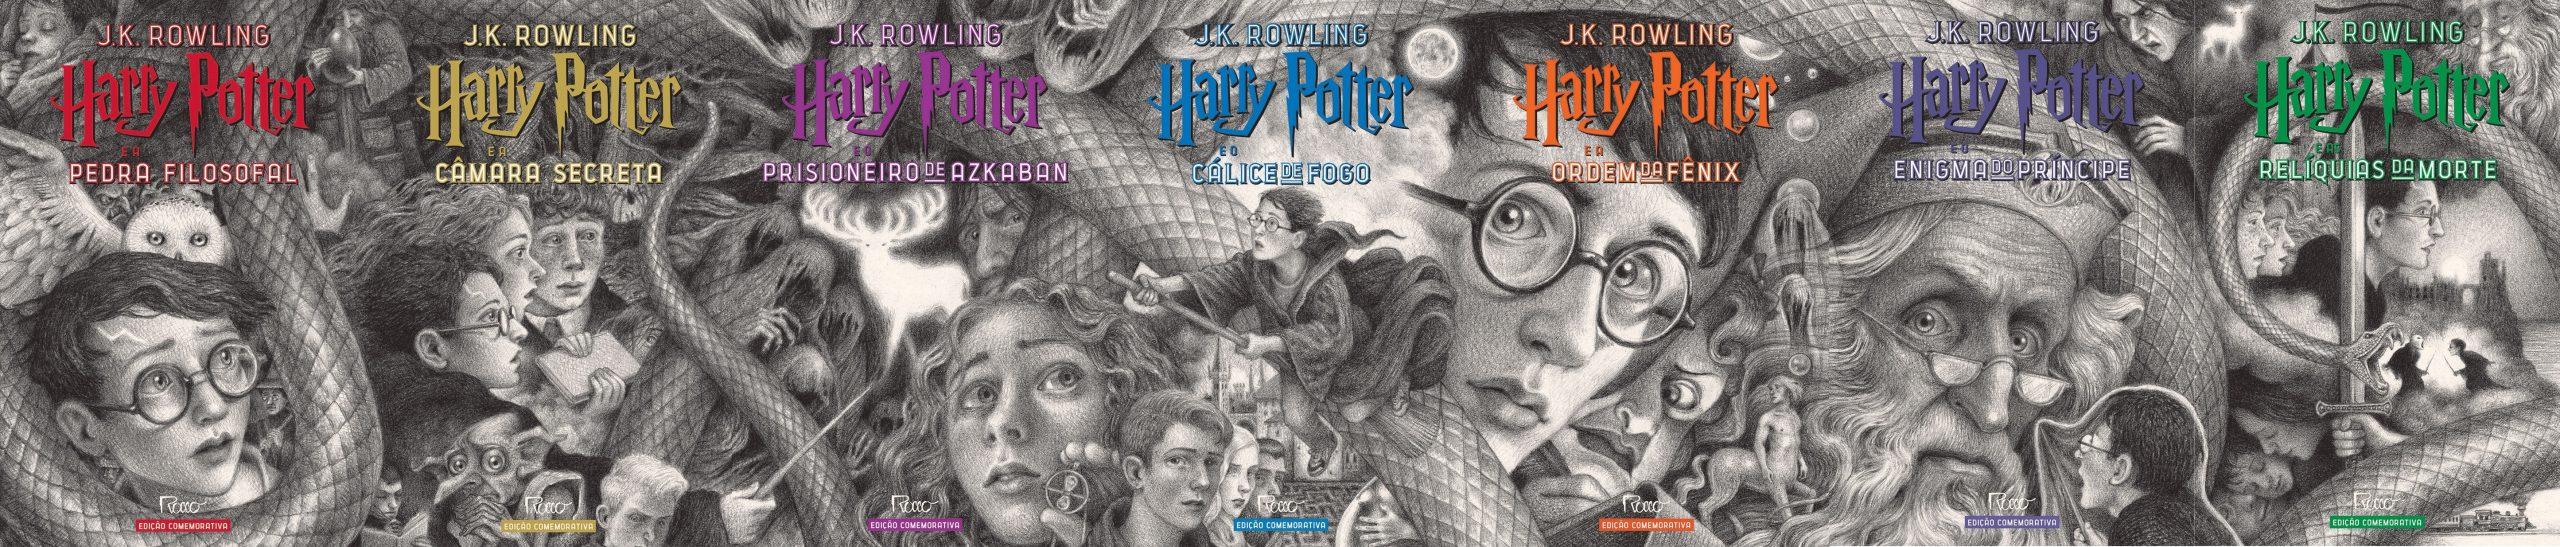 Harry Potter ganha nova edição por seu aniversário de 20 anos no Brasil